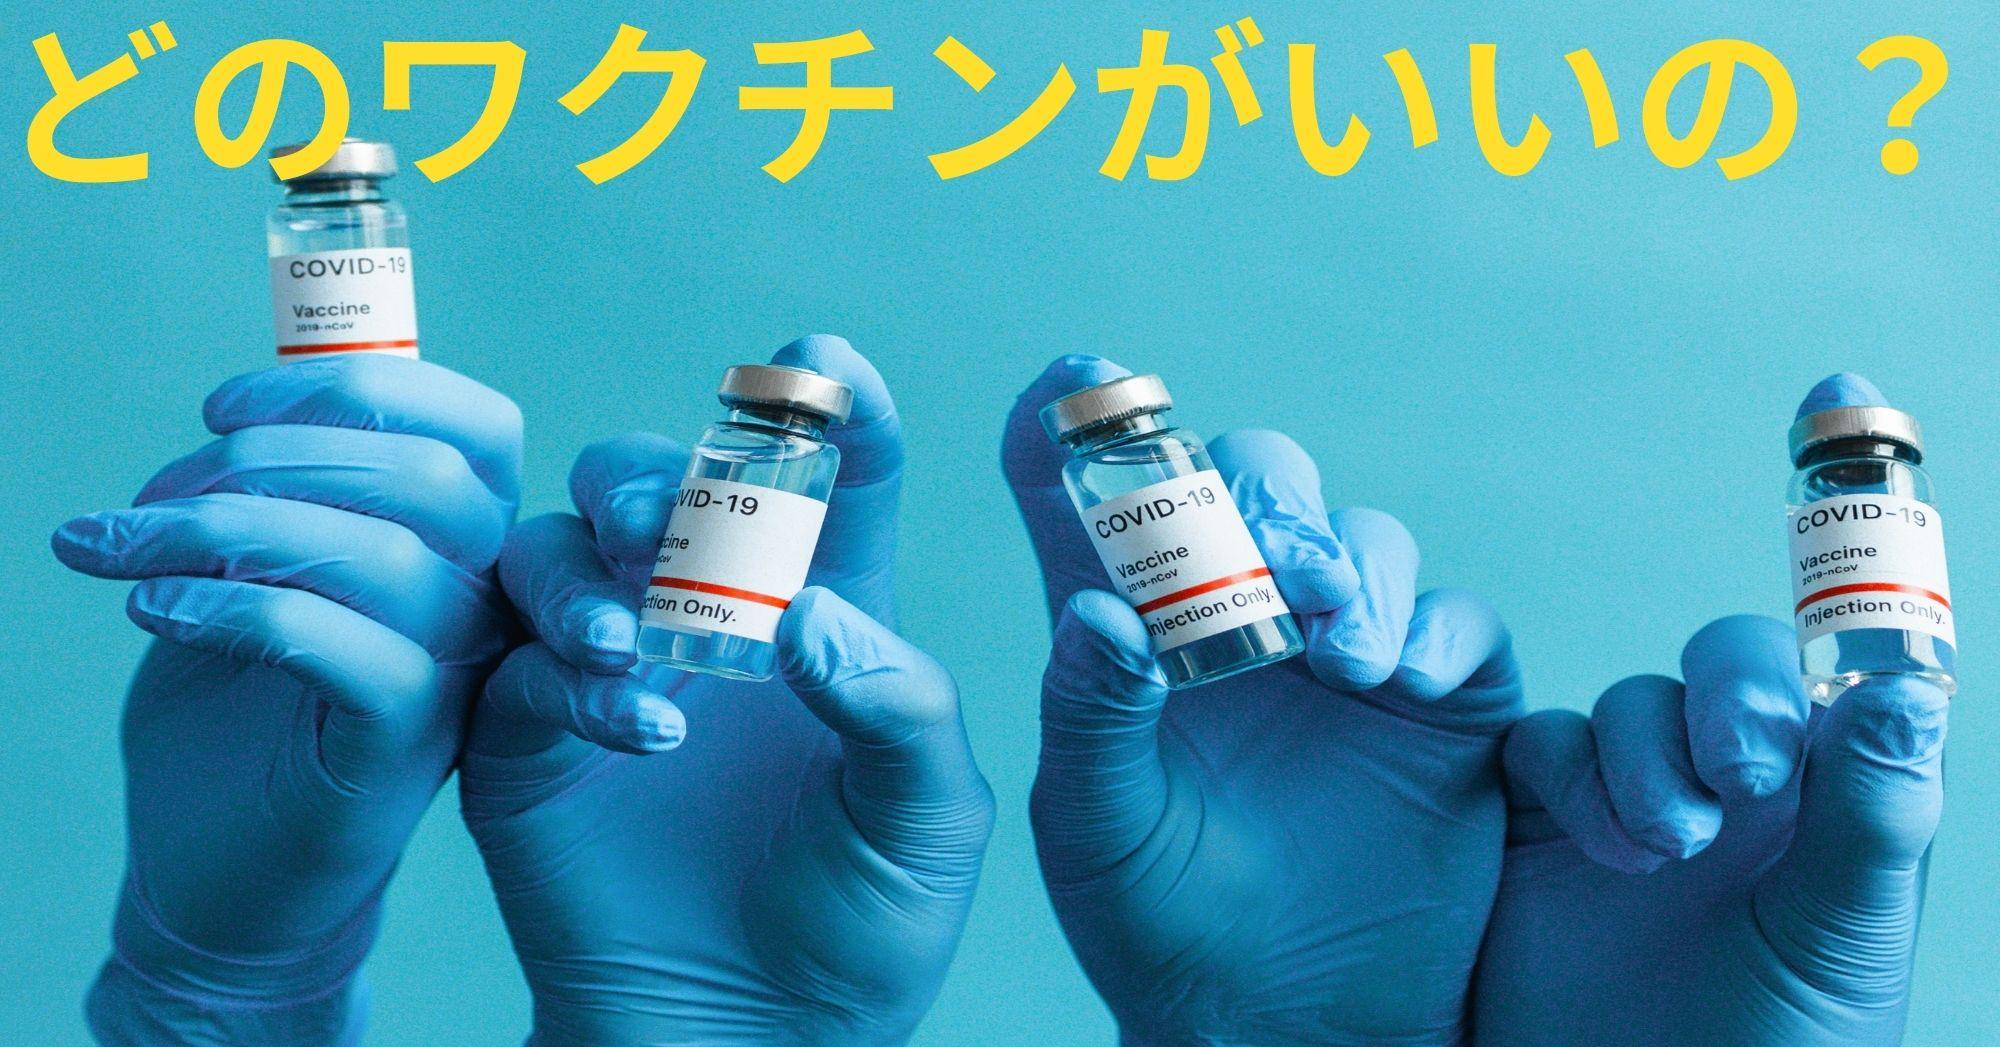 日本政府が確保した3種のワクチンの性能は同じではない